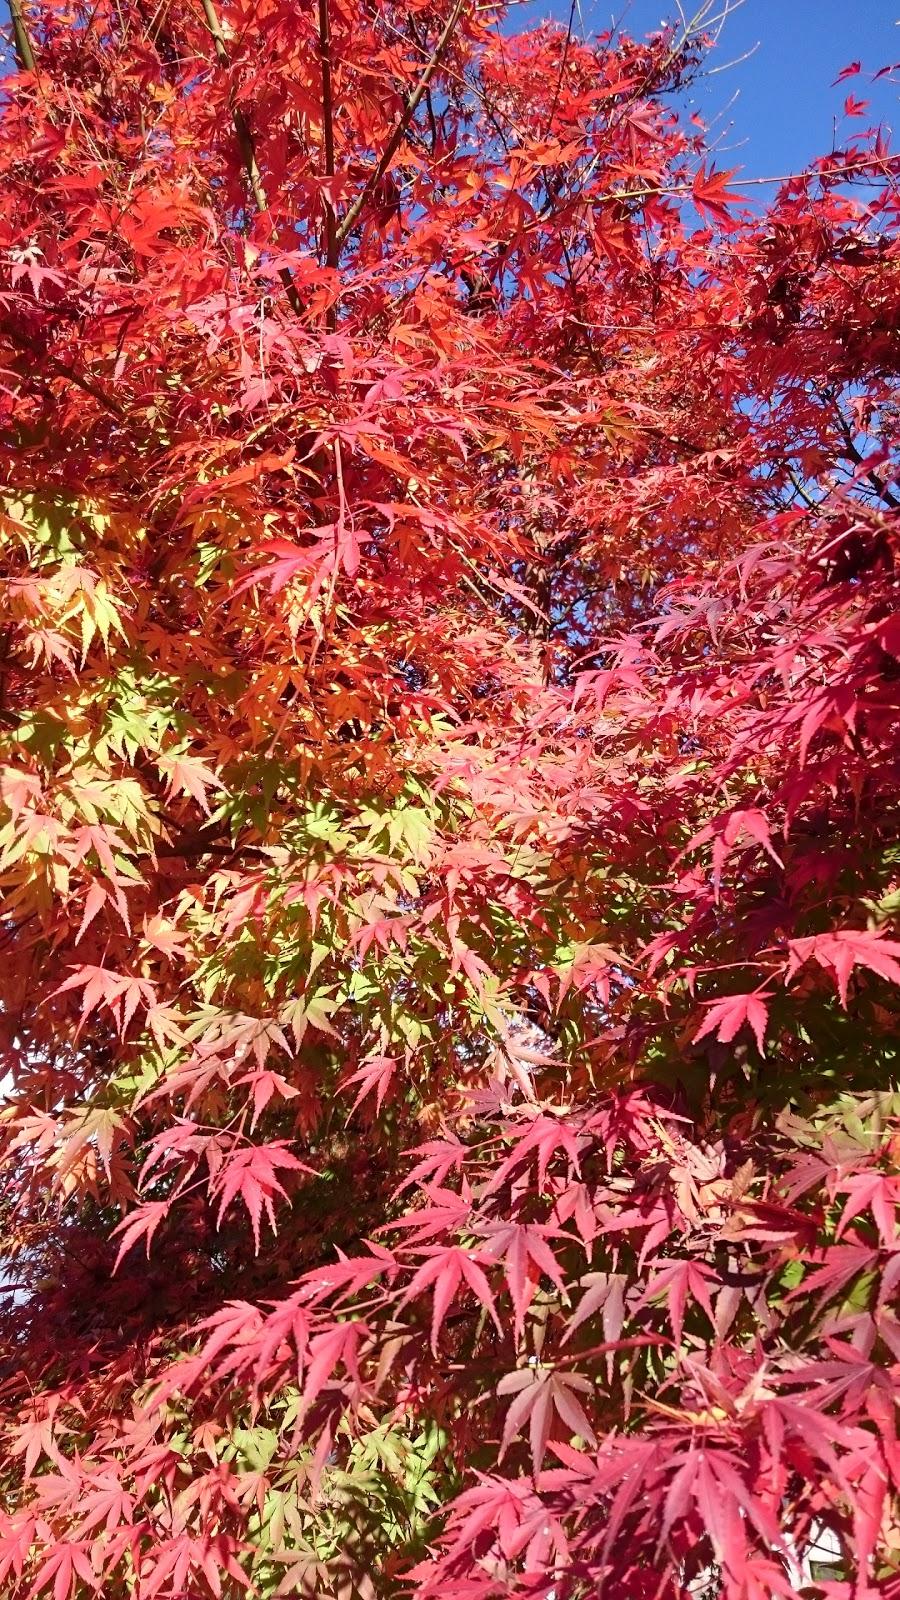 朝日に照らされた鮮烈な紅葉